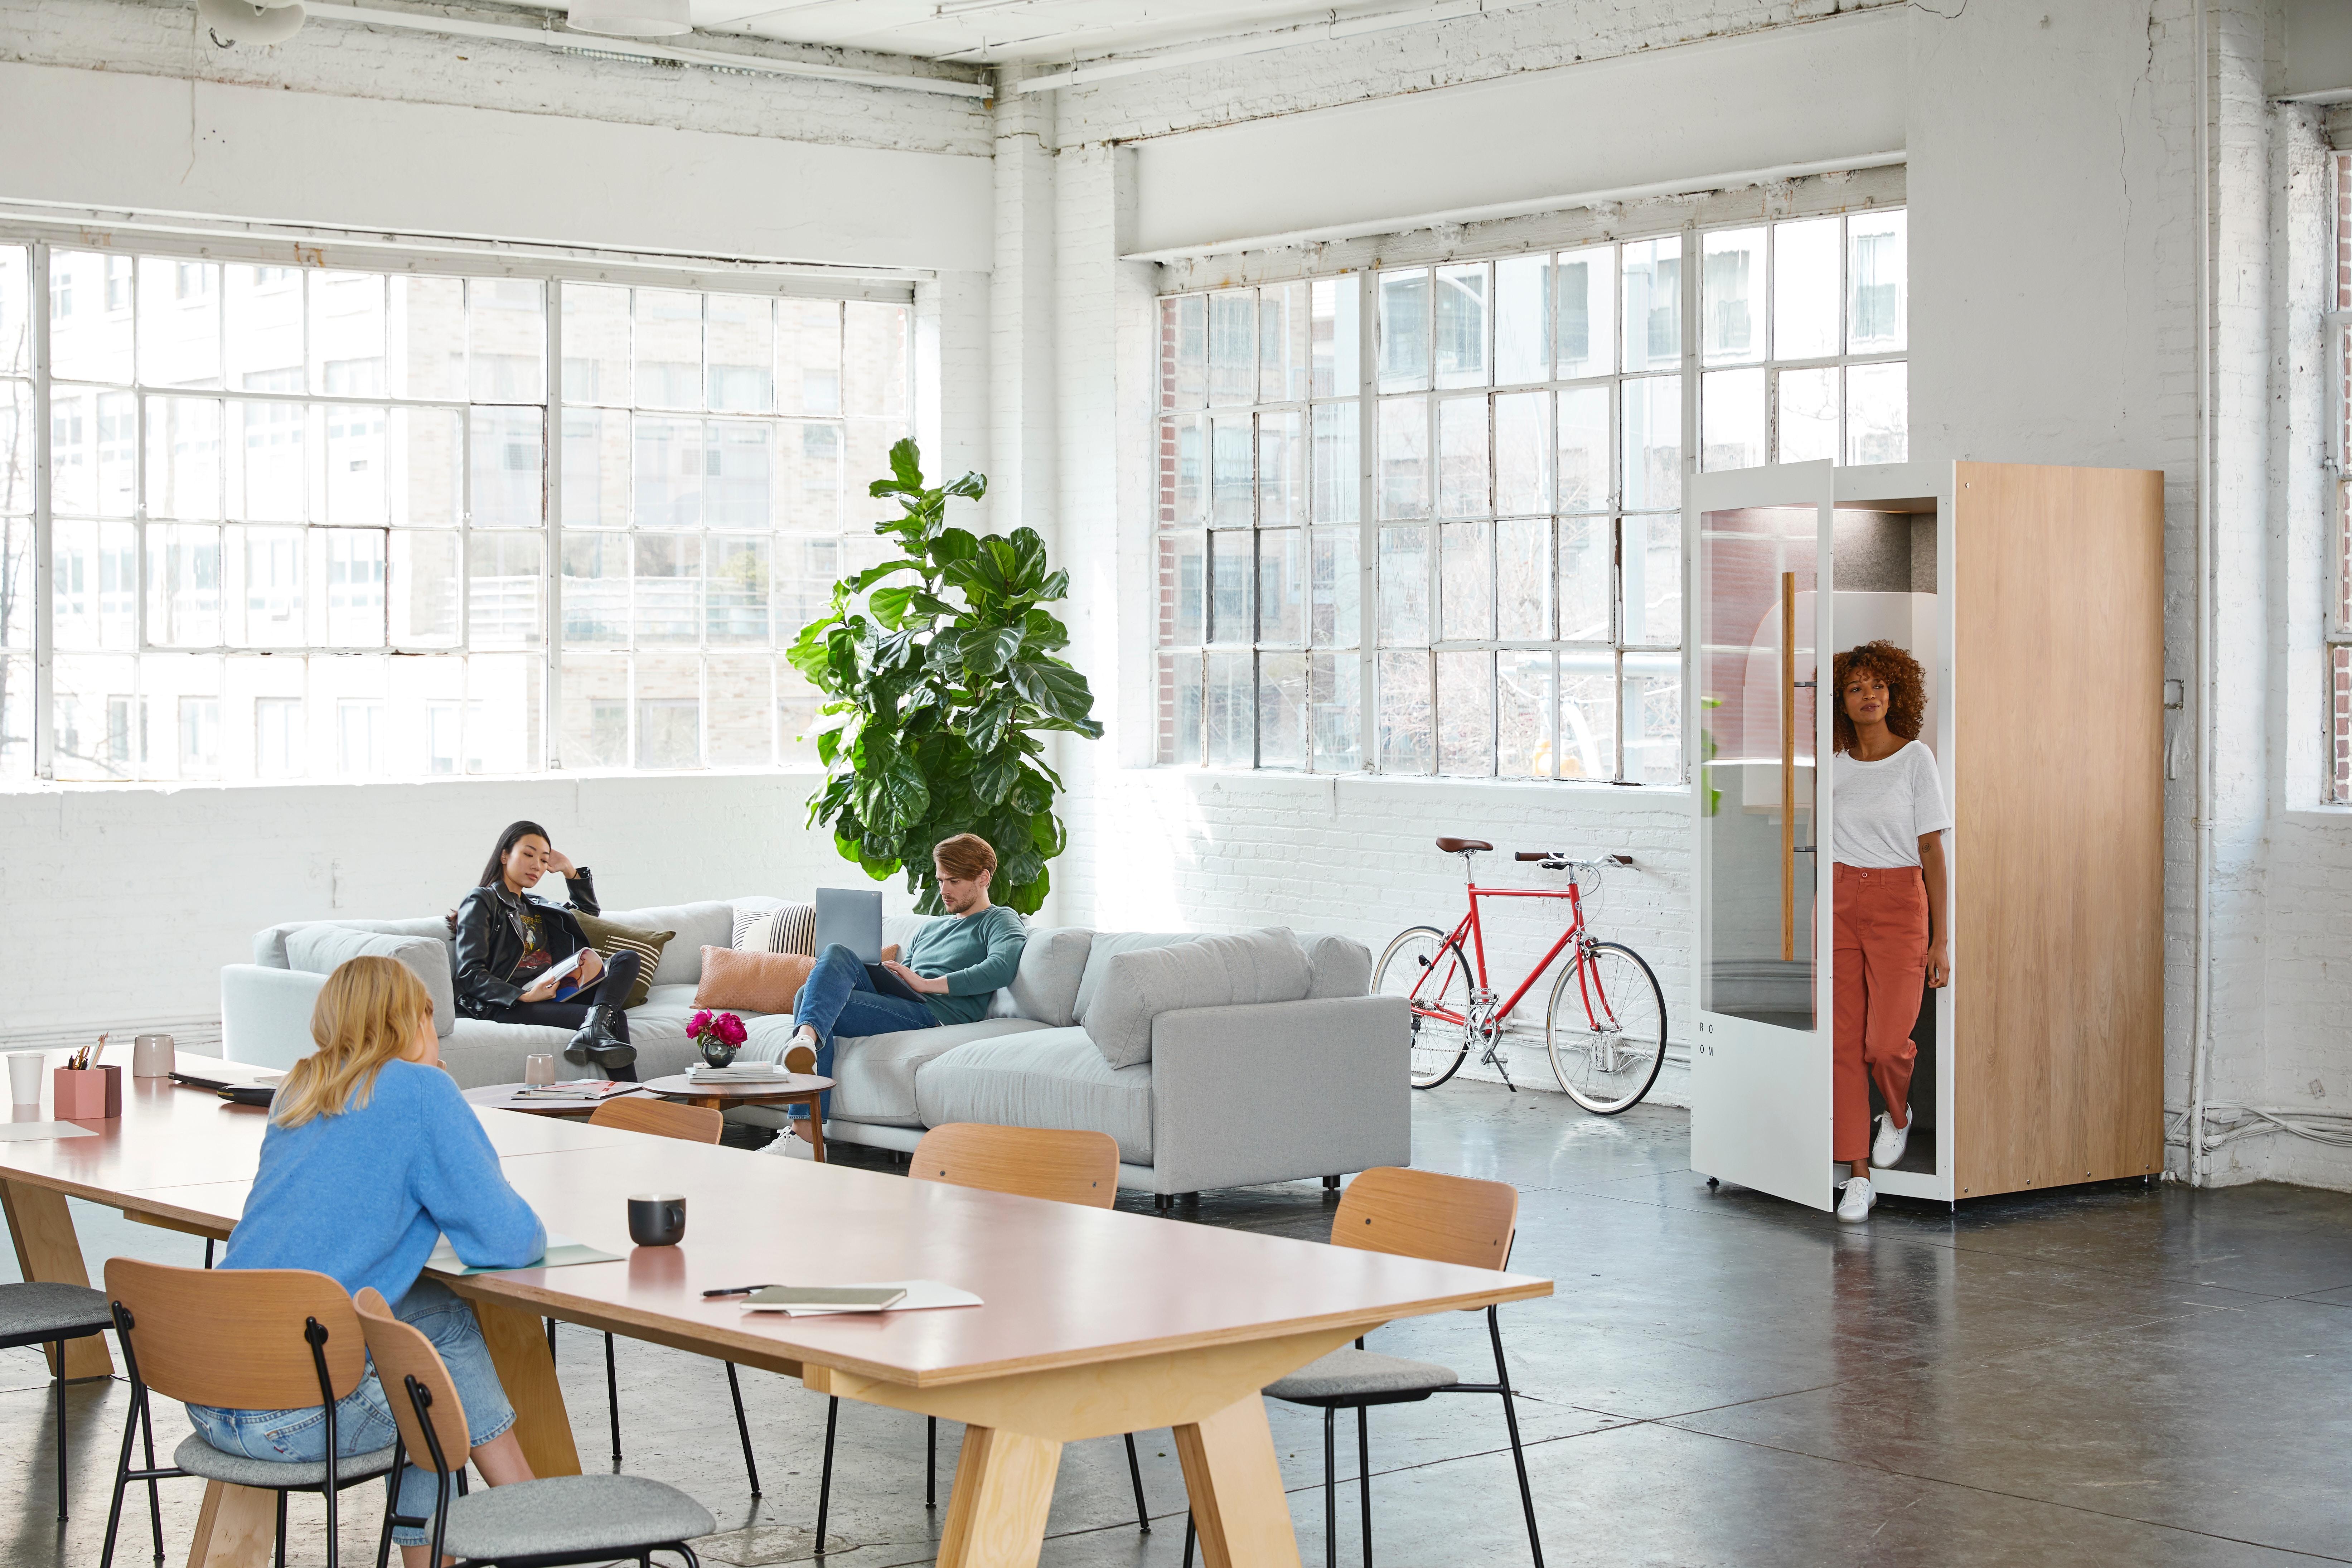 Pourquoi faire appel à un intervenant extérieur pour votre projet d'espace de travail ?